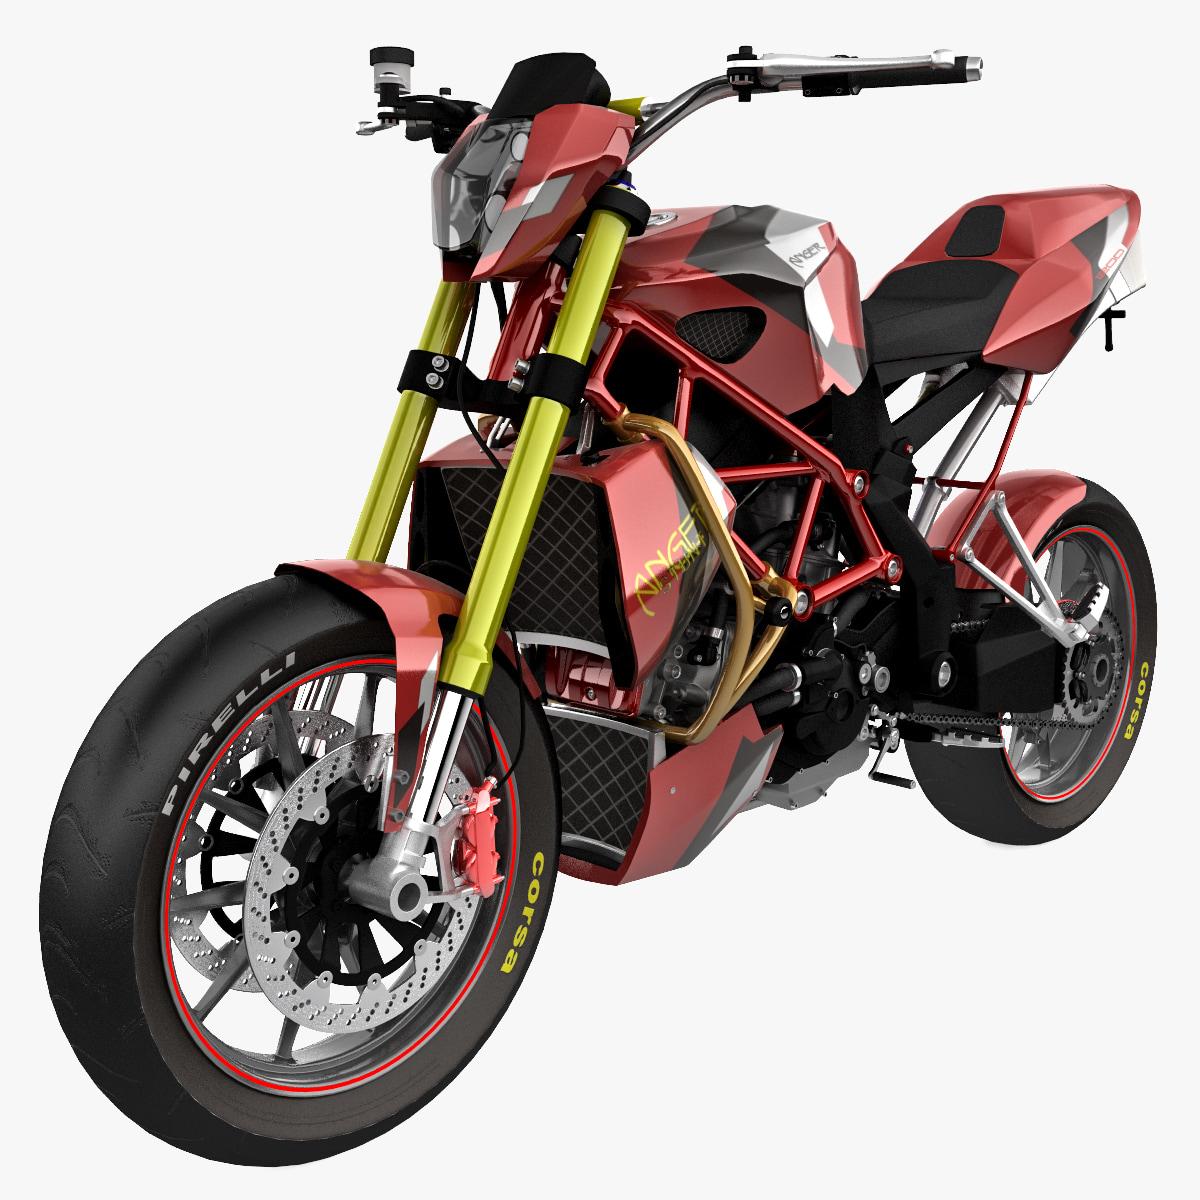 Superbike_Ducati_Anger_001.jpg